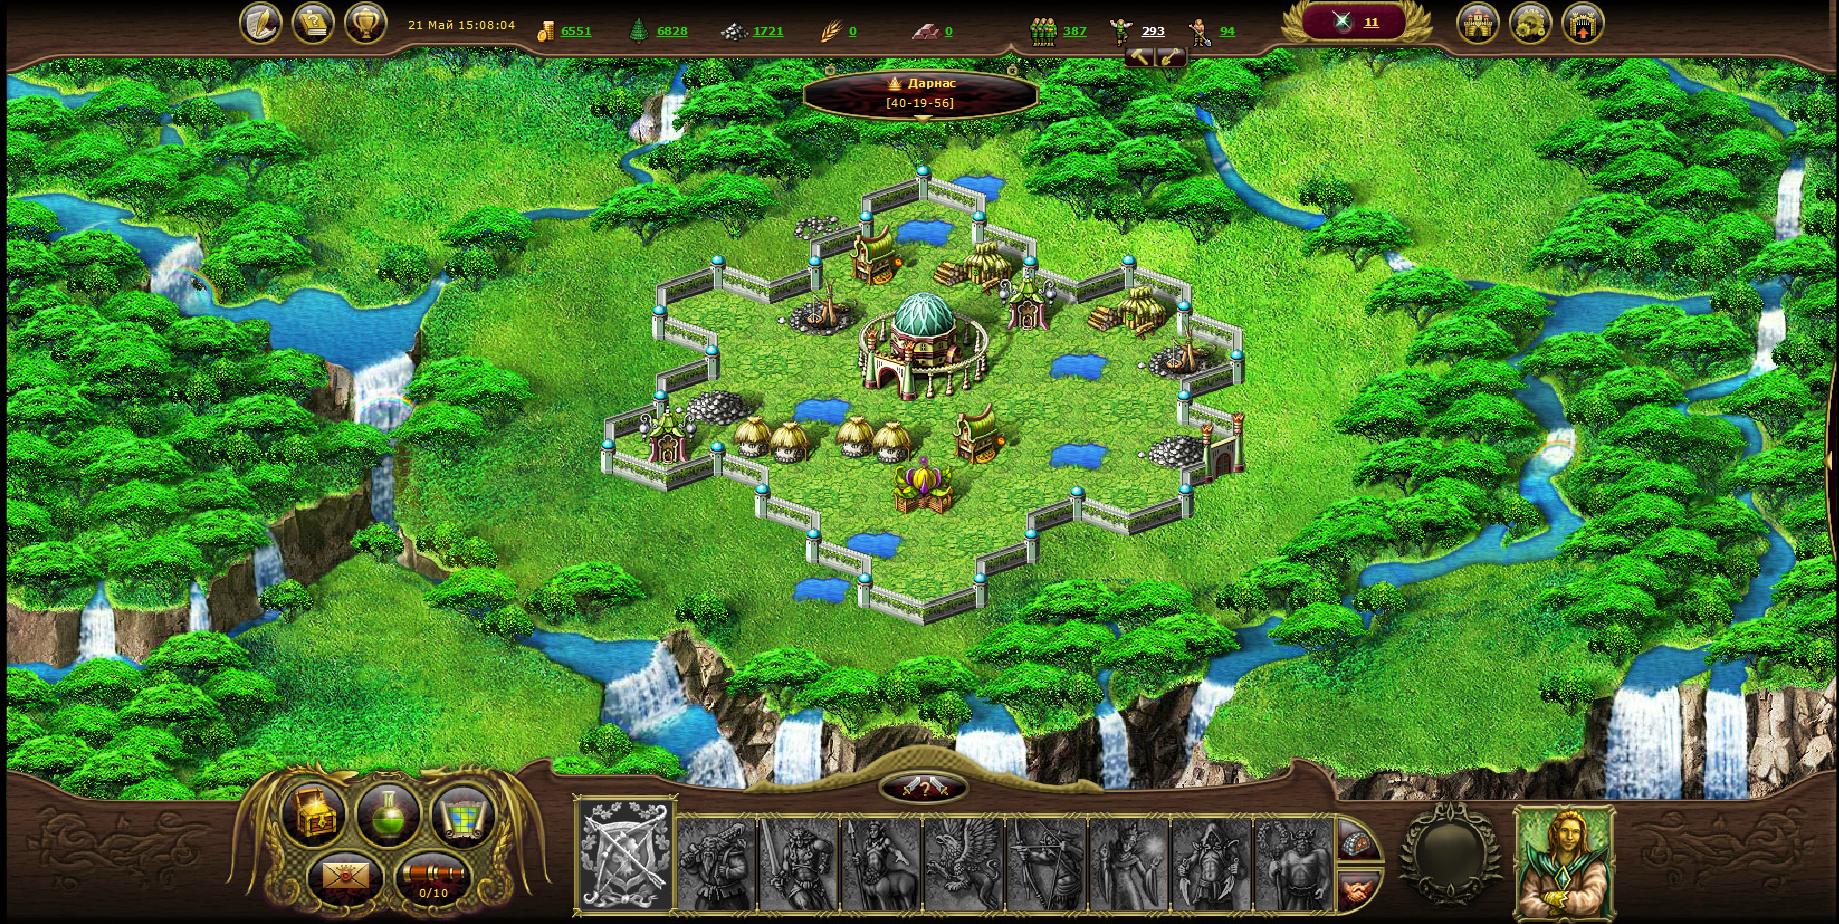 Онлайн стратегия с выводом средств игра универ новая общага онлайн играть